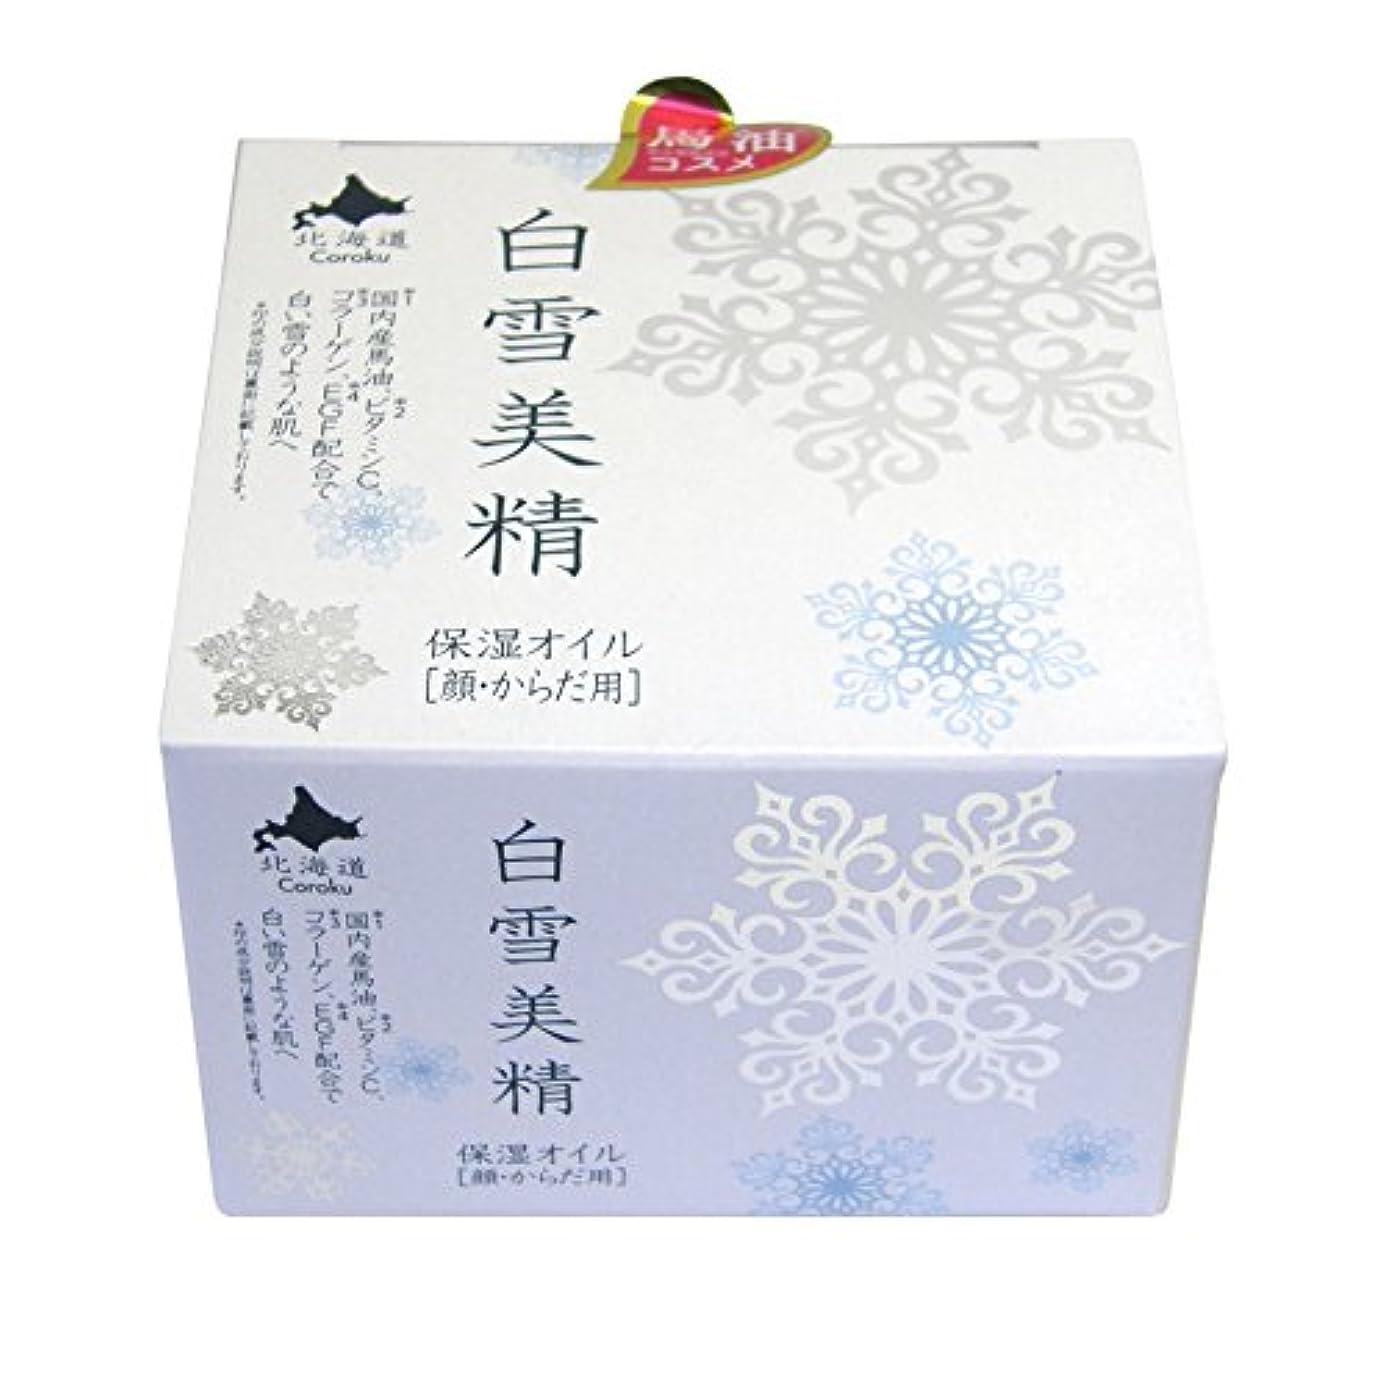 鑑定雑品環境に優しいCoroku 白雪美精保湿オイル(顔?からだ用) 100ml